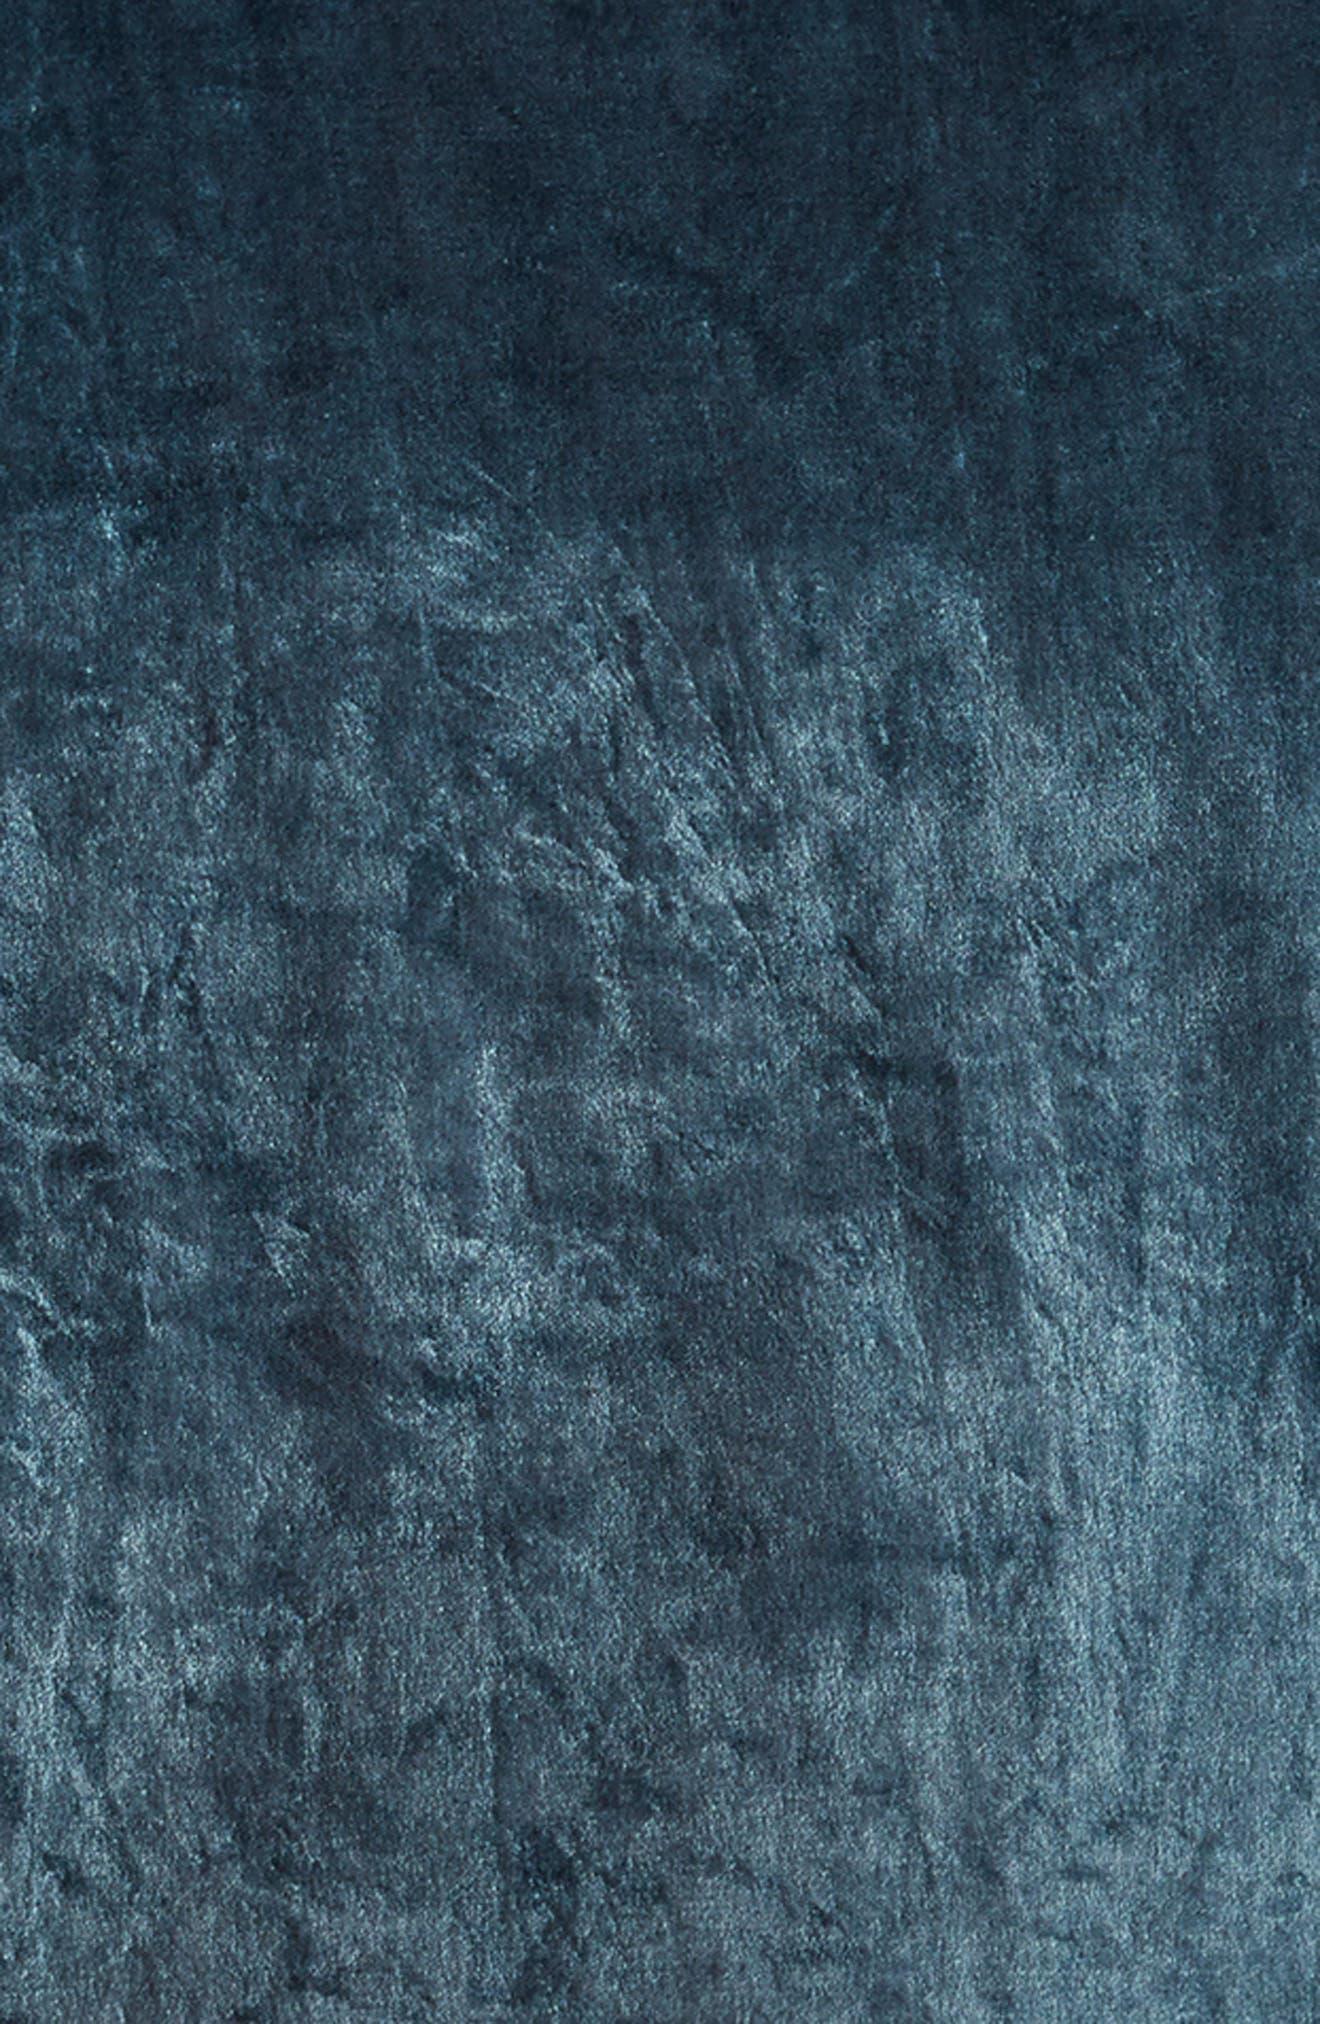 Shimmer Velvet Duvet Cover,                             Alternate thumbnail 2, color,                             Teal Gazer